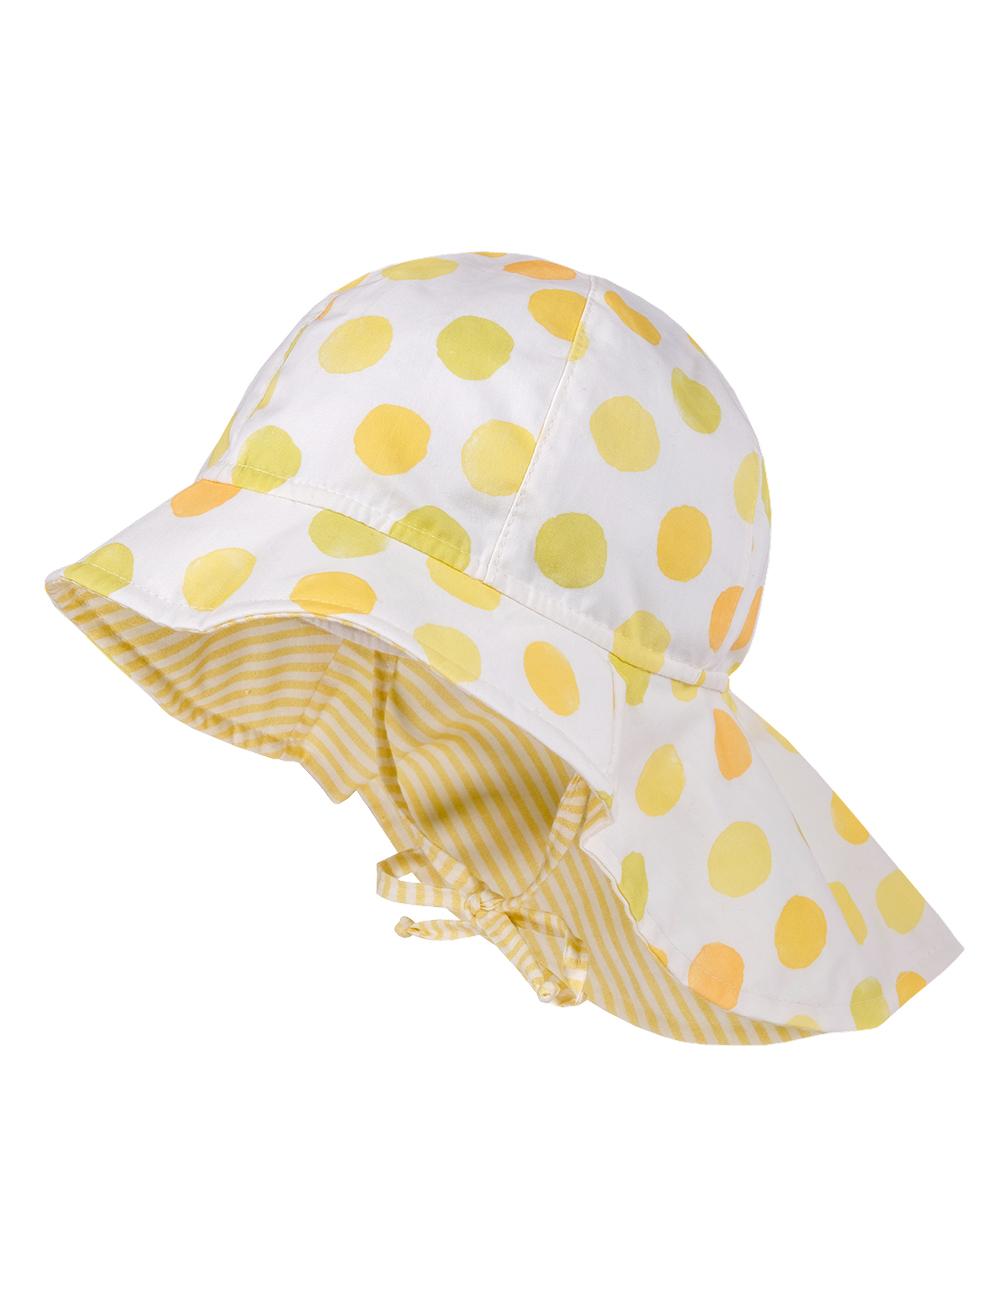 GIRL-Flapper,Nackenschutz 49 Maximo. Farbe: wollweiß-gelb-punkte/narzisse, Größe: 49